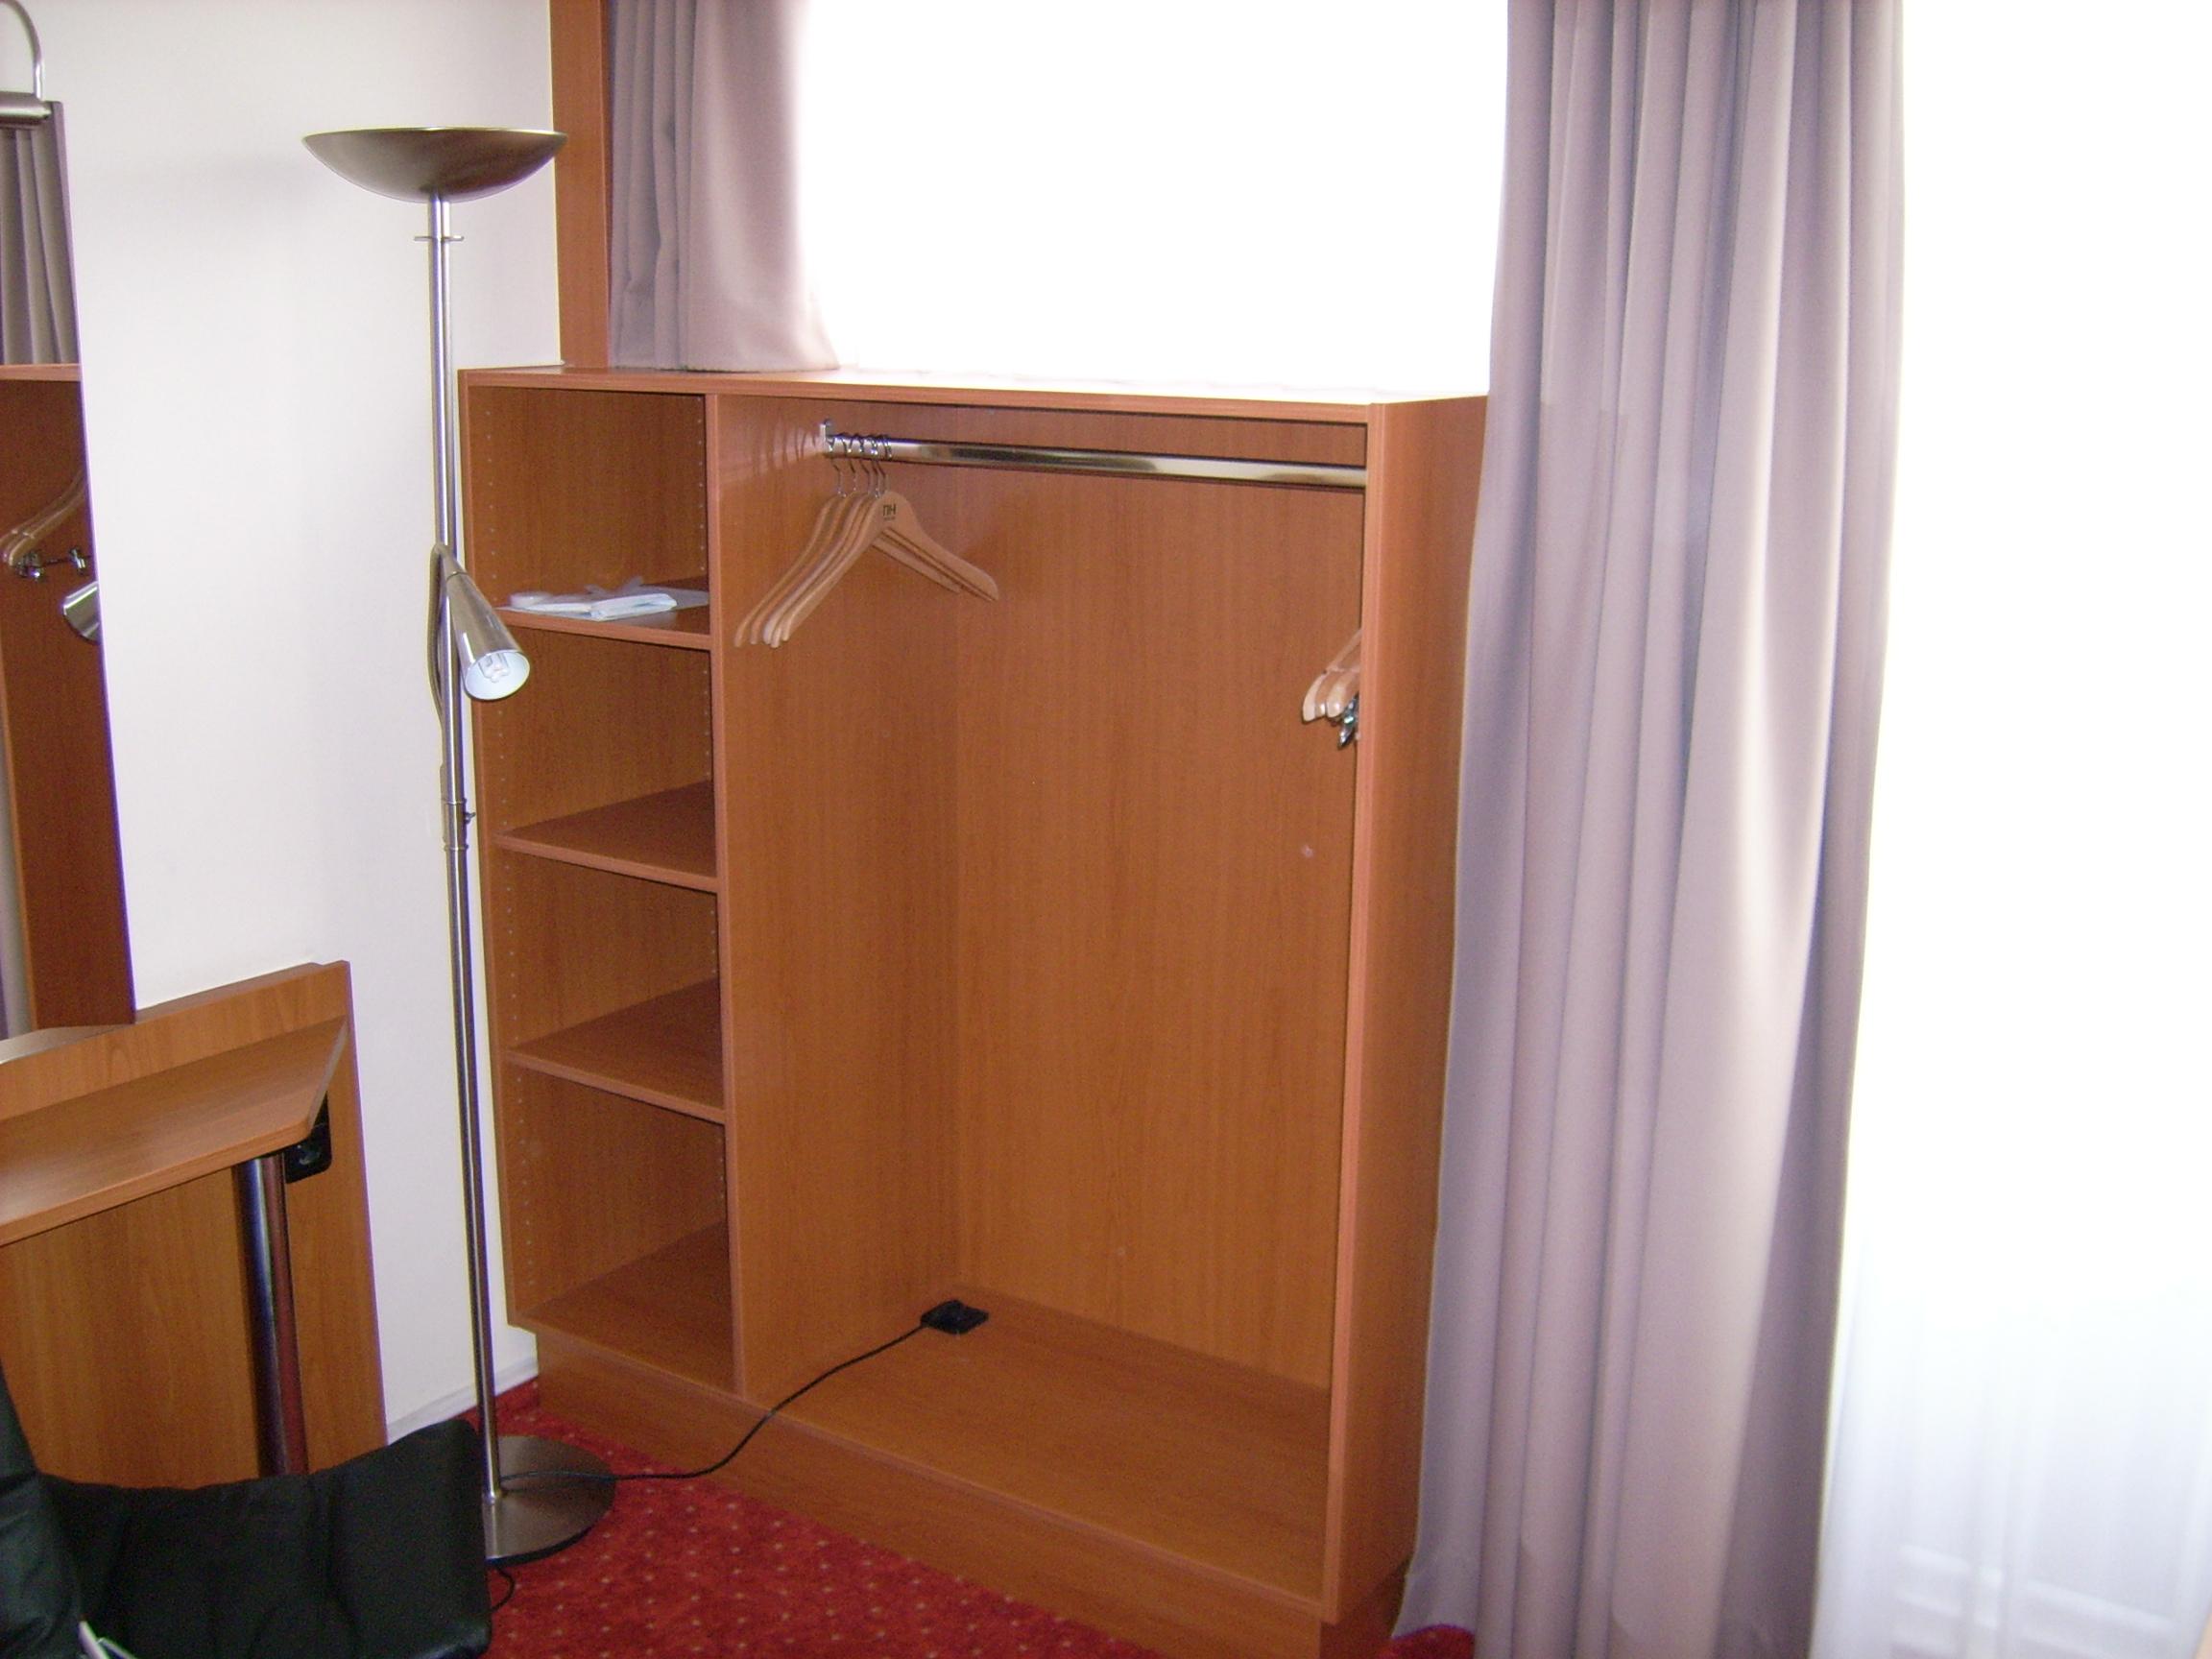 Full Size of Fensterfugen Erneuern Hoteleinrichtung Fenster Erneuert Innenausbau Kosten Bad Wohnzimmer Fensterfugen Erneuern